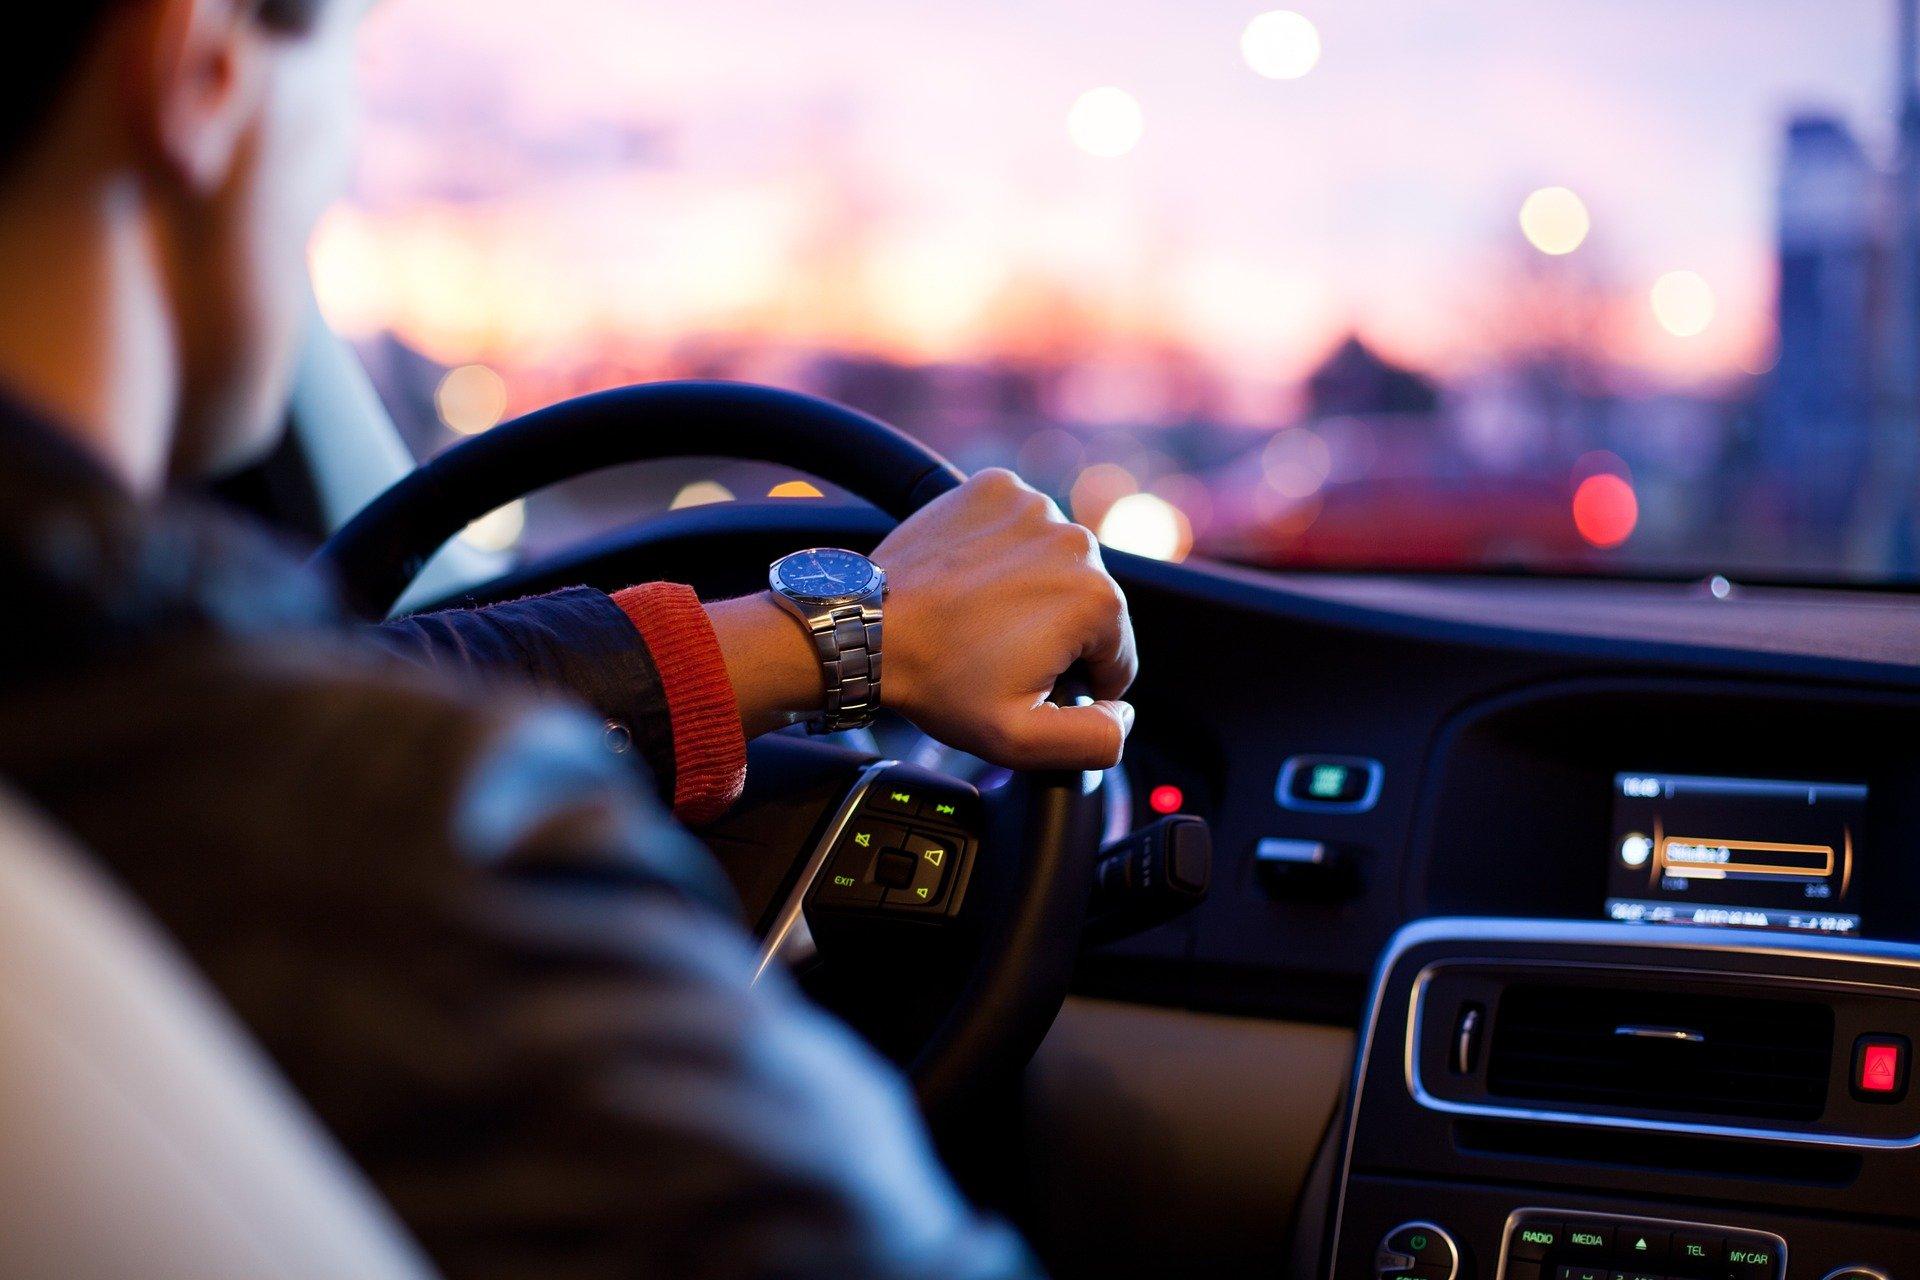 Foto de um homem dirigindo um carro, todos os detalhes internos são pretos com algumas luzes. Pelo vidros temos uma paisagem desfocada em tom rosa e roxo. Imagem ilustrativa para texto proteção veicular.